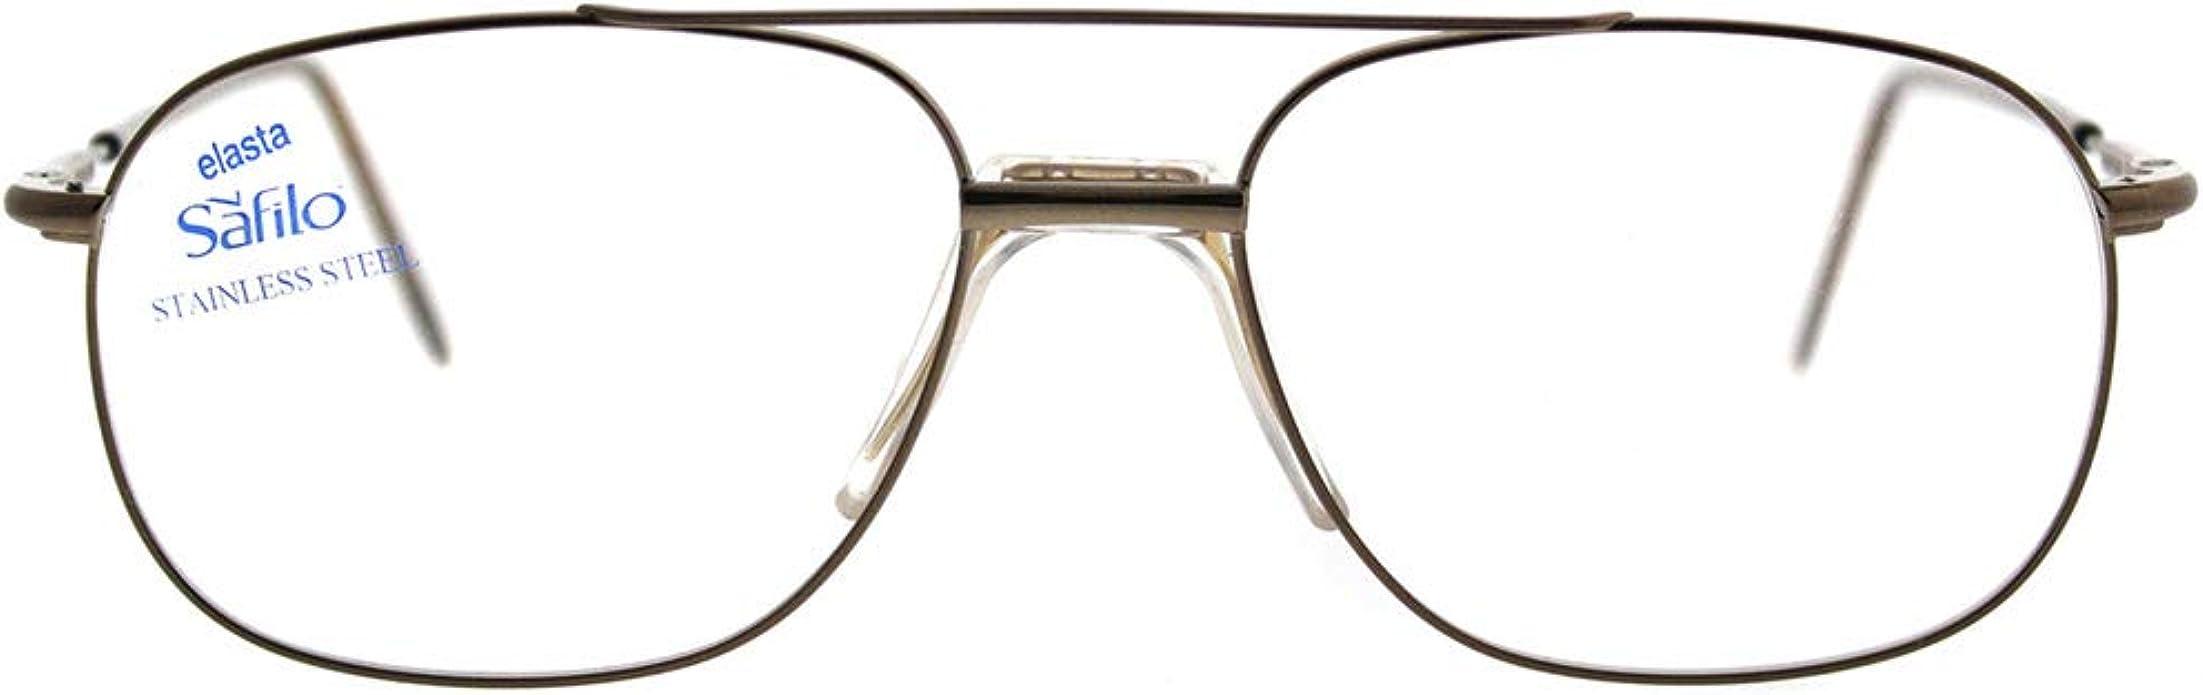 Eyeglasses Safilo Elasta 7201 01WK Light Brown